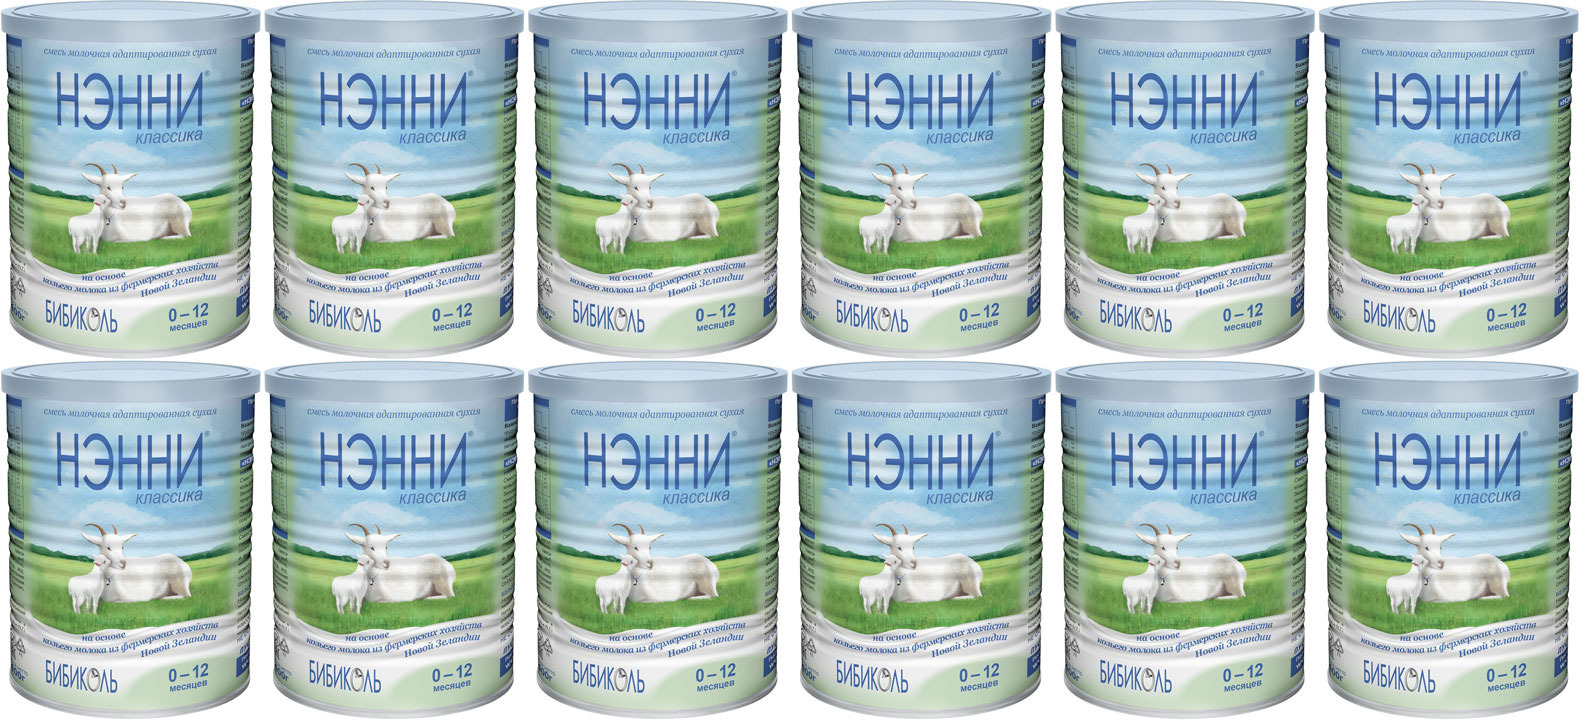 Смесь Нэнни Классика молочная на основе козьего молока, 12 шт по 400 г молочная смесь kabrita 1 gold с рождения 800 гр на основе козьего молока